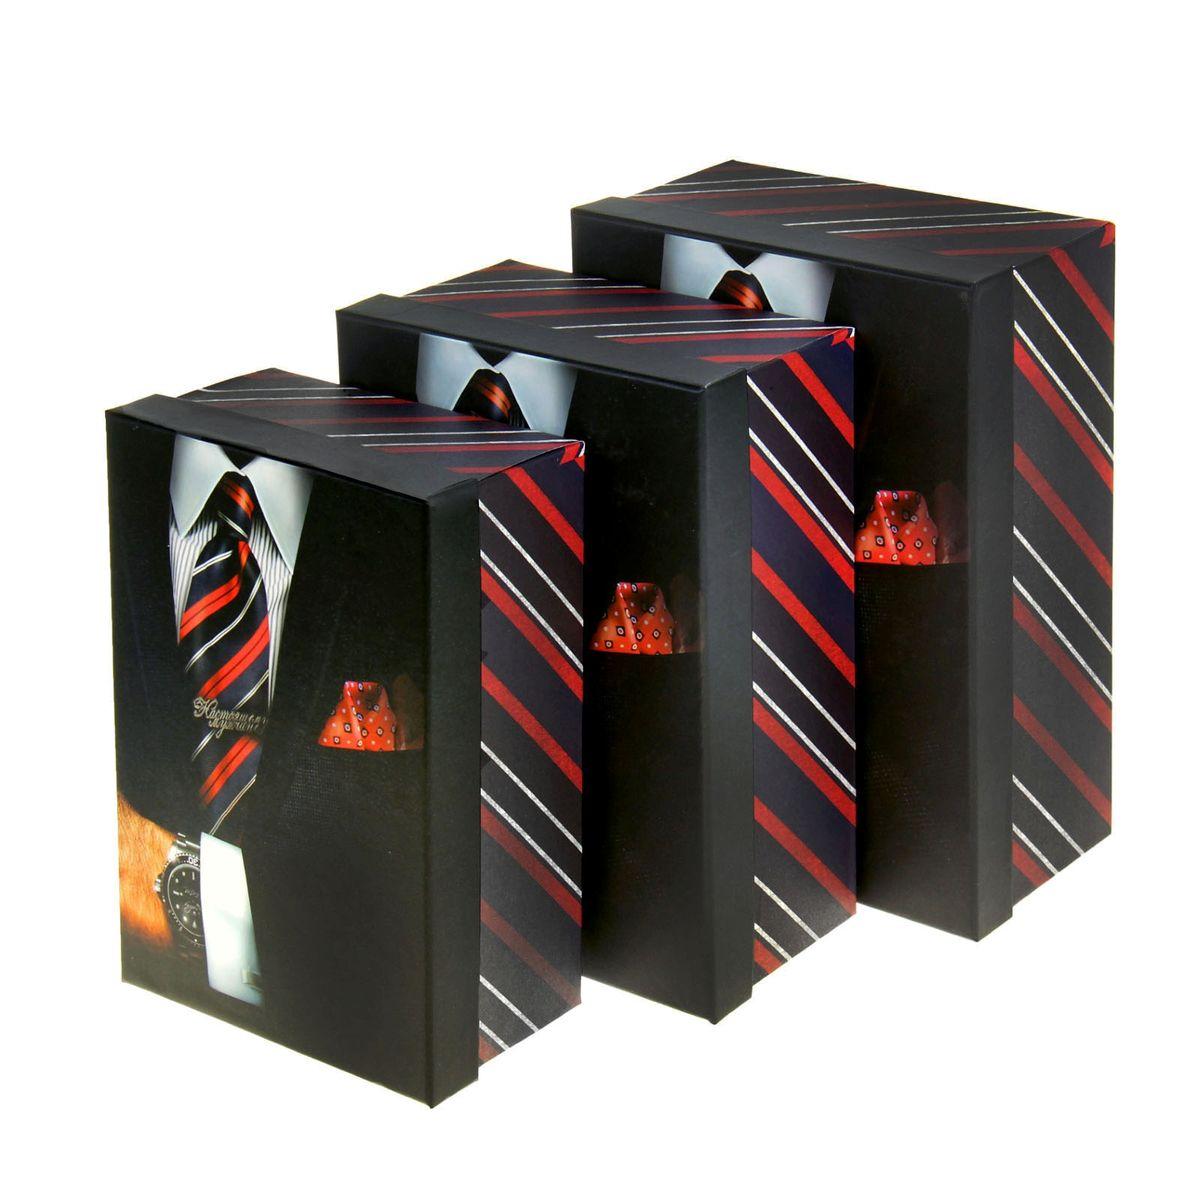 Набор подарочных коробок Sima-land Мужчина с часами, 3 шт862364Набор Sima-land Мужчина с часами состоит из 3 подарочных коробок разного размера, выполненных из плотного картона. Крышка оформлена ярким изображением и надписью Настоящему мужчине. Подарочная коробка - это наилучшее решение, если вы хотите порадовать ваших близких и создать праздничное настроение, ведь подарок, преподнесенный в оригинальной упаковке, всегда будет самым эффектным и запоминающимся. Окружите близких людей вниманием и заботой, вручив презент в нарядном, праздничном оформлении. Размер большой коробки: 18 см х 25 см х 10,5 см. Размер средней коробки: 16 см х 23 см х 9,5 см. Размер маленькой коробки: 14,5 см х 21 см х 8,5 см.